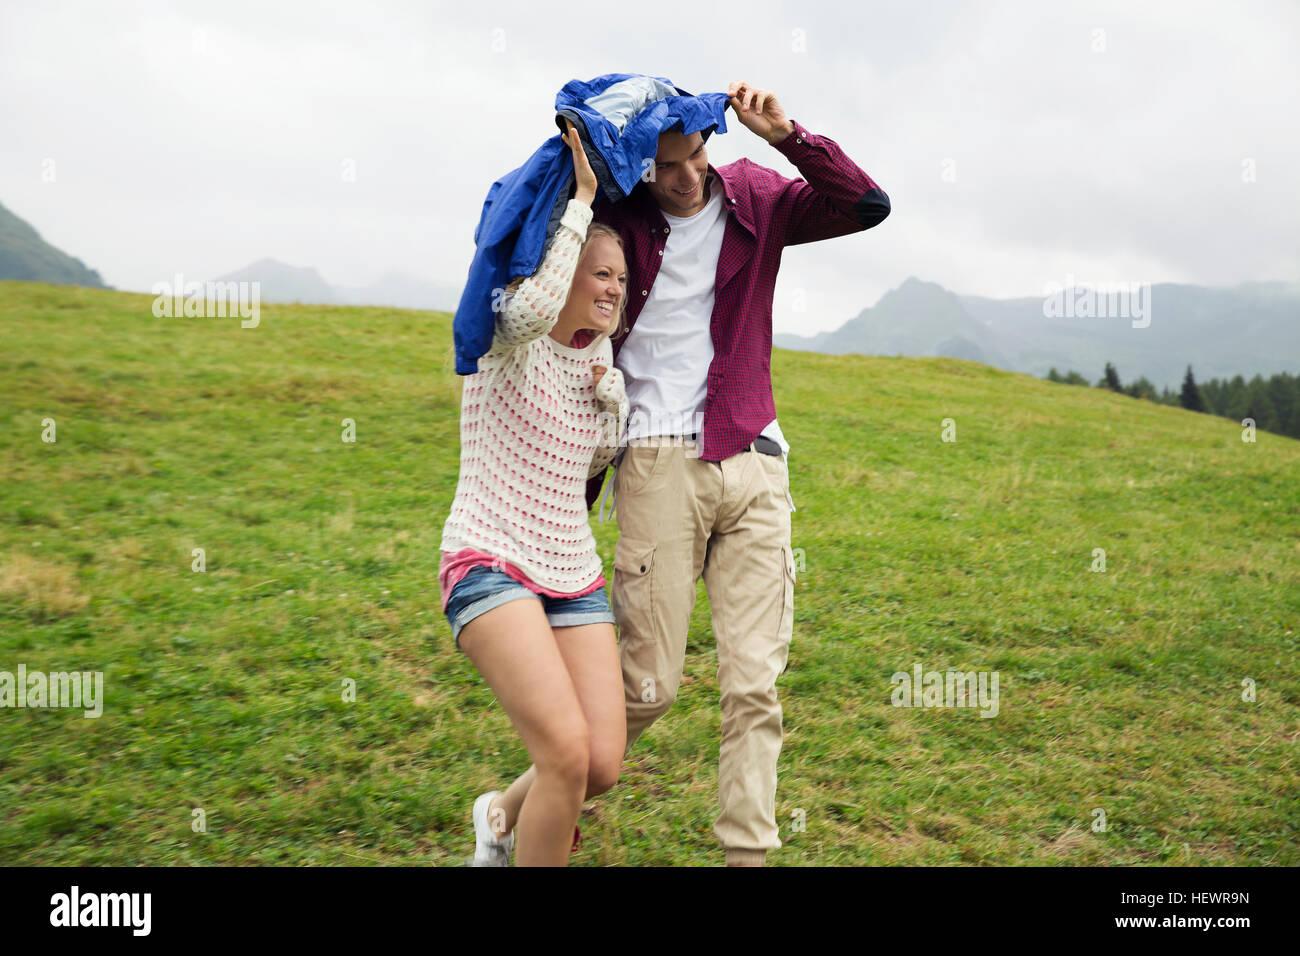 Pareja joven corriendo colina abajo sosteniendo rompevientos en lluvia, Sattelbergalm, Tirol, Austria Foto de stock